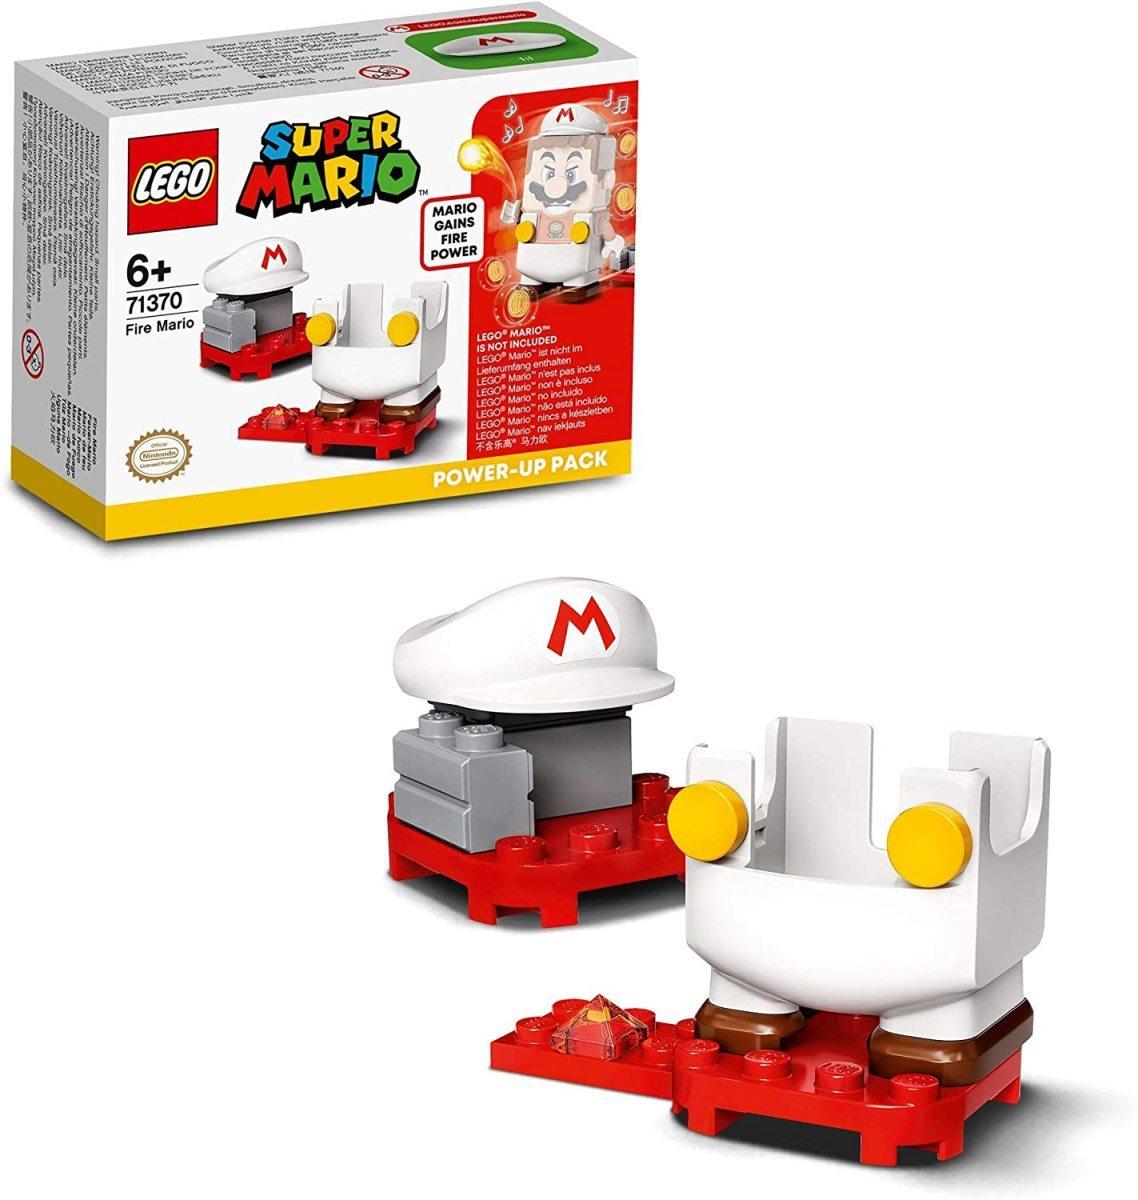 レゴ スーパーマリオ 71370 ファイアマリオ パワーアップ パック LEGO Super Mario_画像1